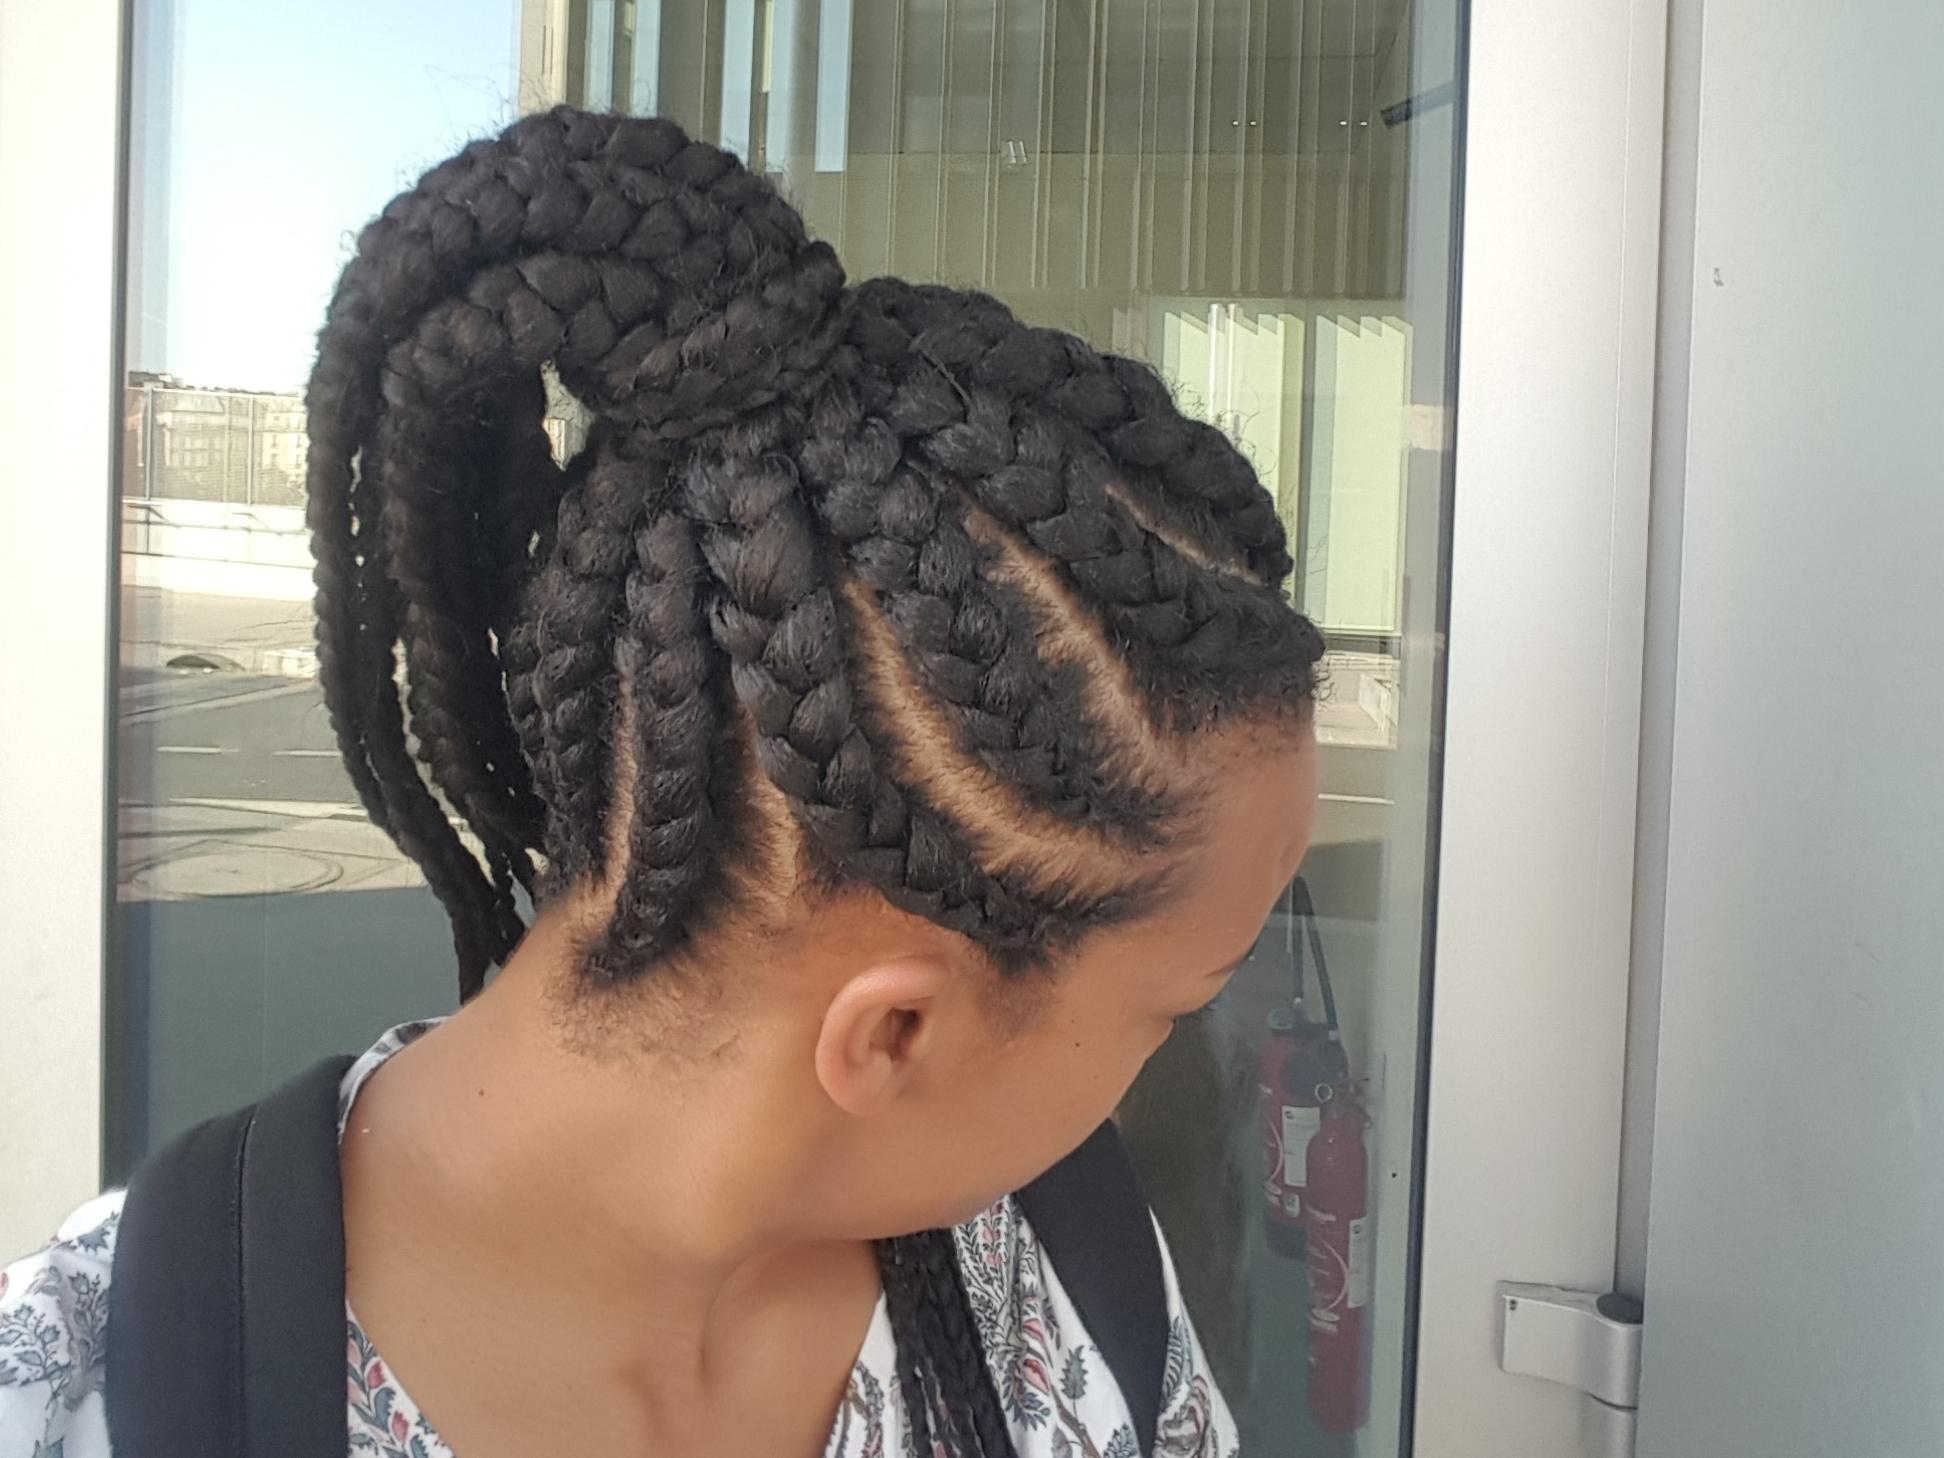 salon de coiffure afro tresse tresses box braids crochet braids vanilles tissages paris 75 77 78 91 92 93 94 95 RECUXTKF